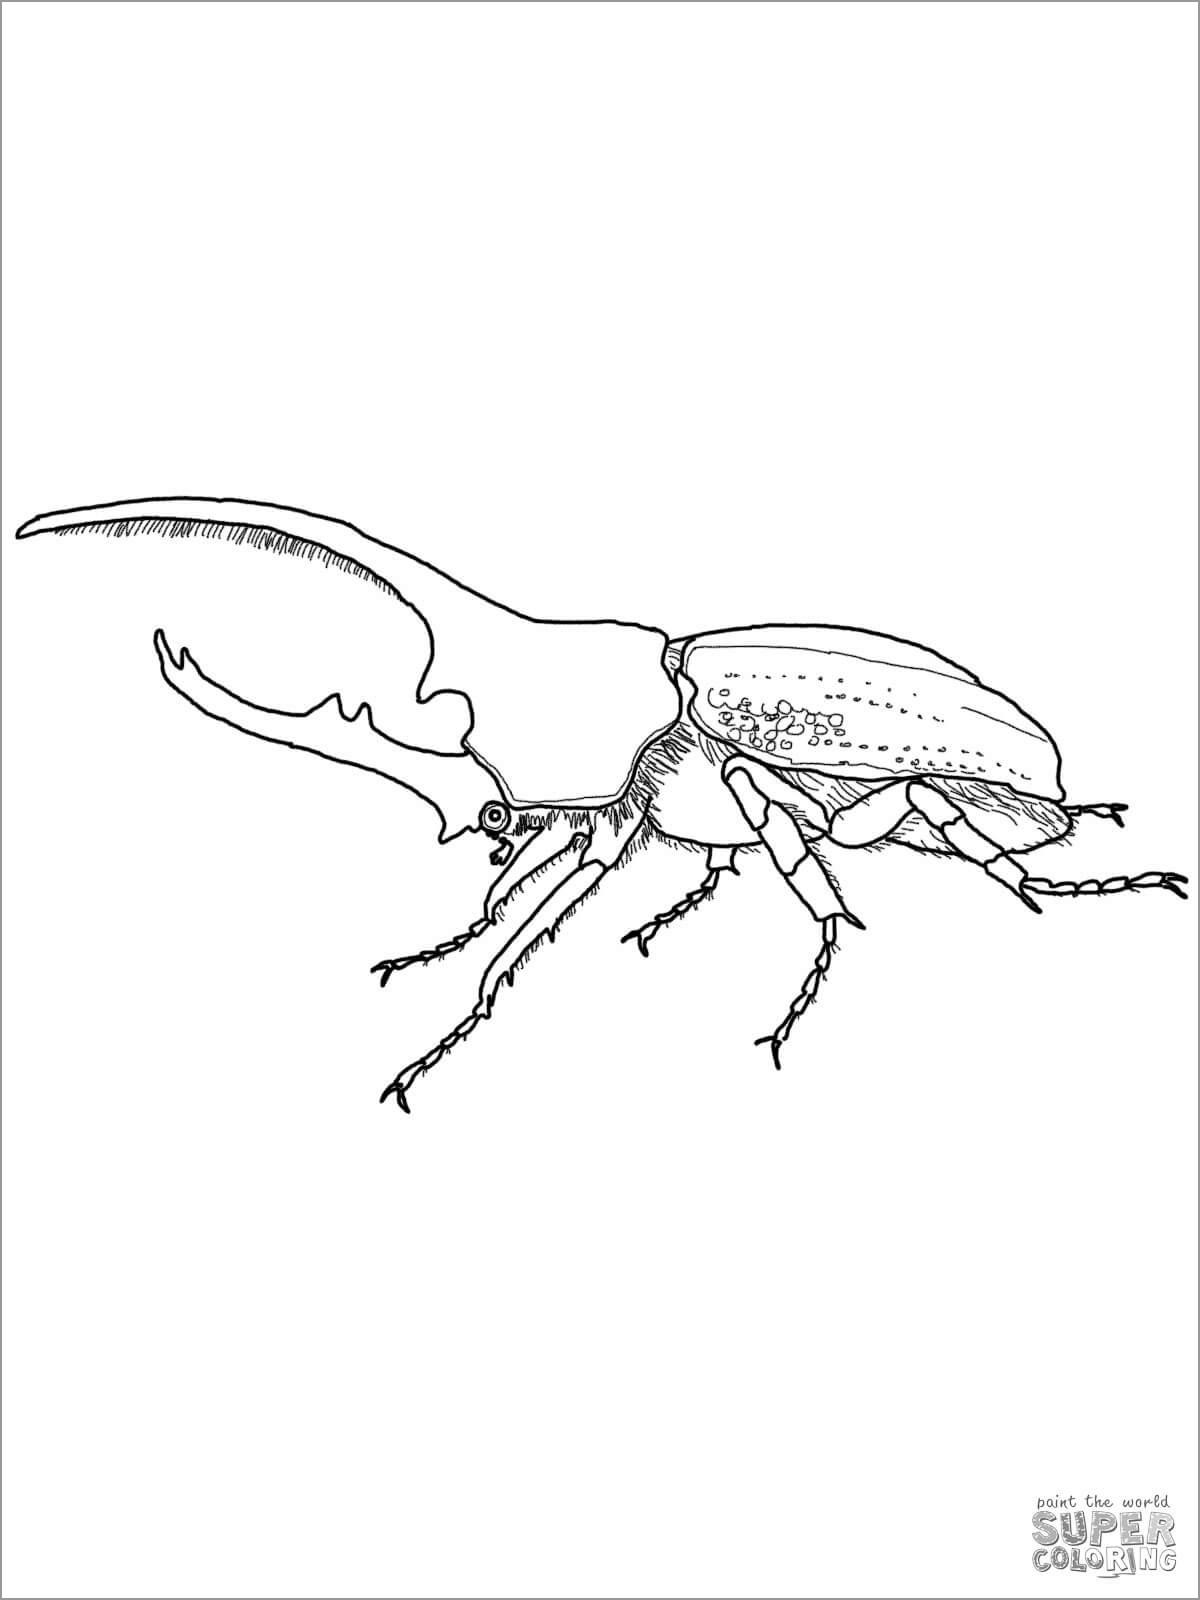 Hercules Beetle Coloring Page